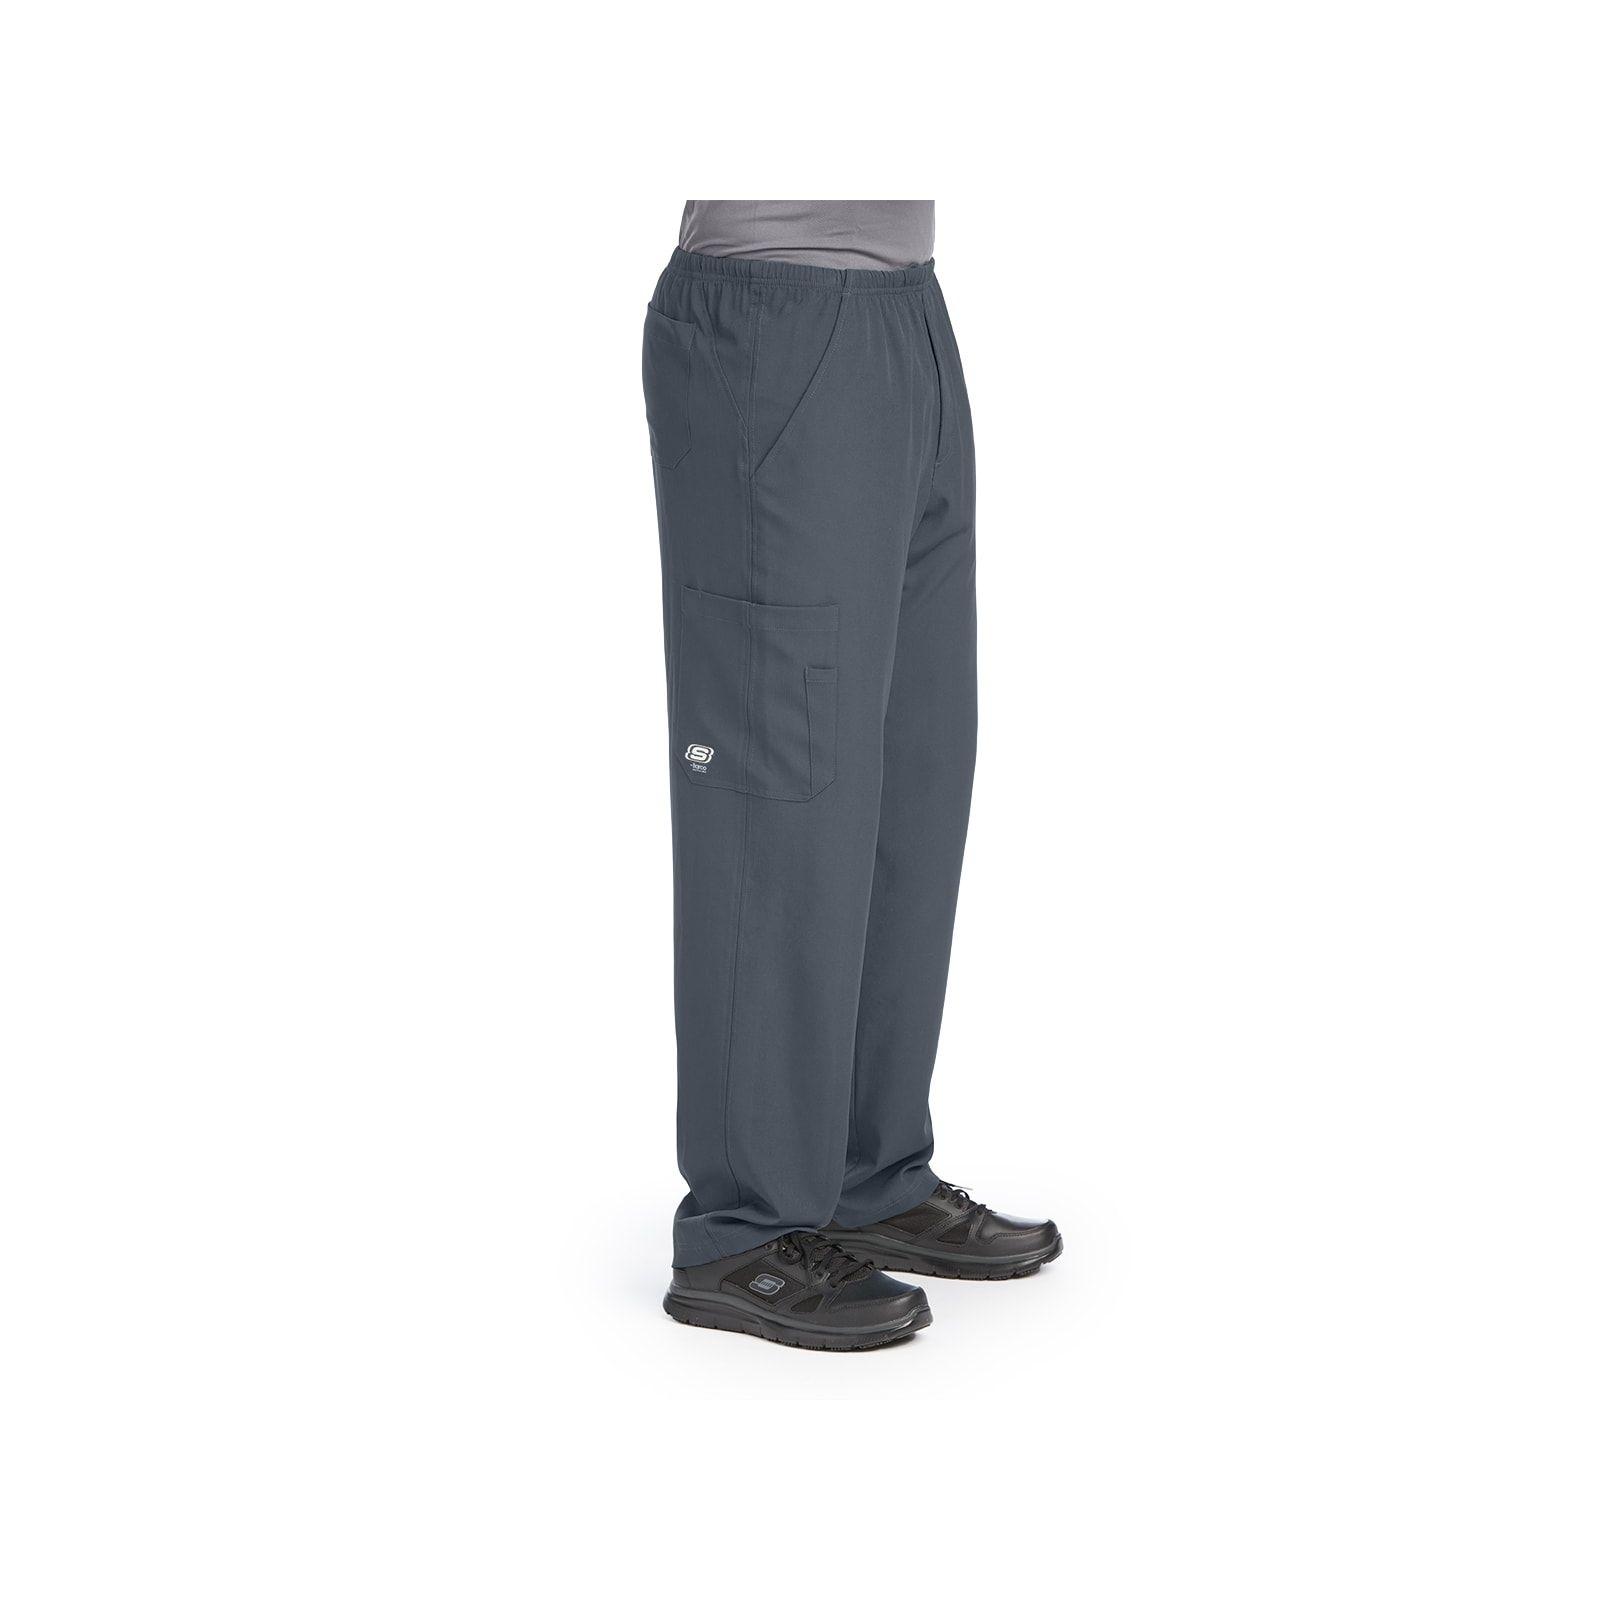 """Pantalon médical homme, couleur gris anthracite vue de côté, collection """"Skechers"""" (SK0215-)"""